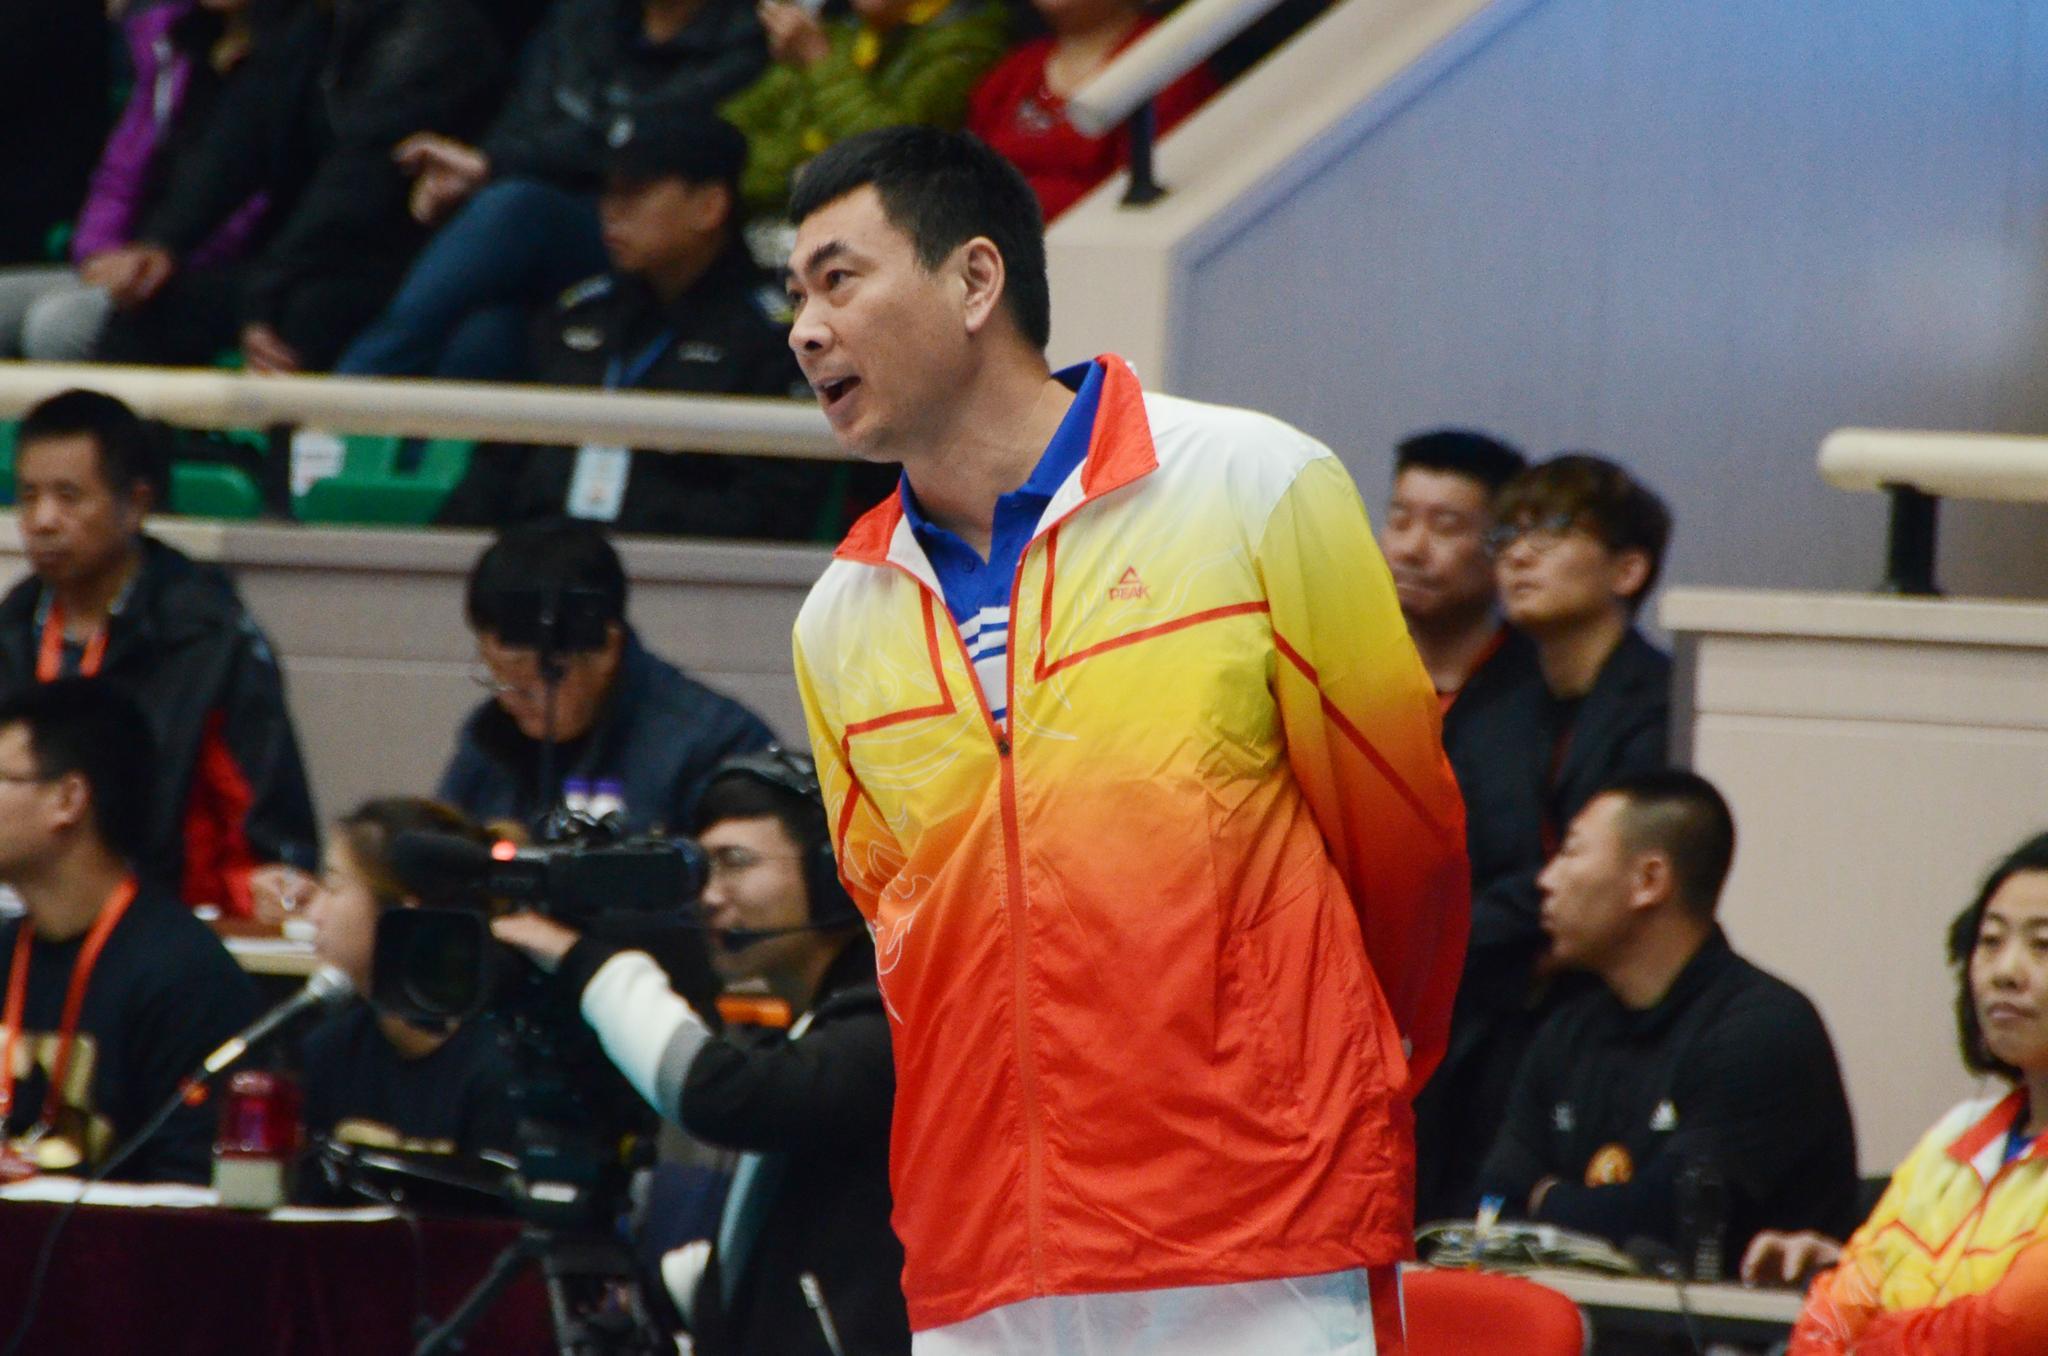 陈友泉:新人发挥出色 还需更激烈比赛历练队伍